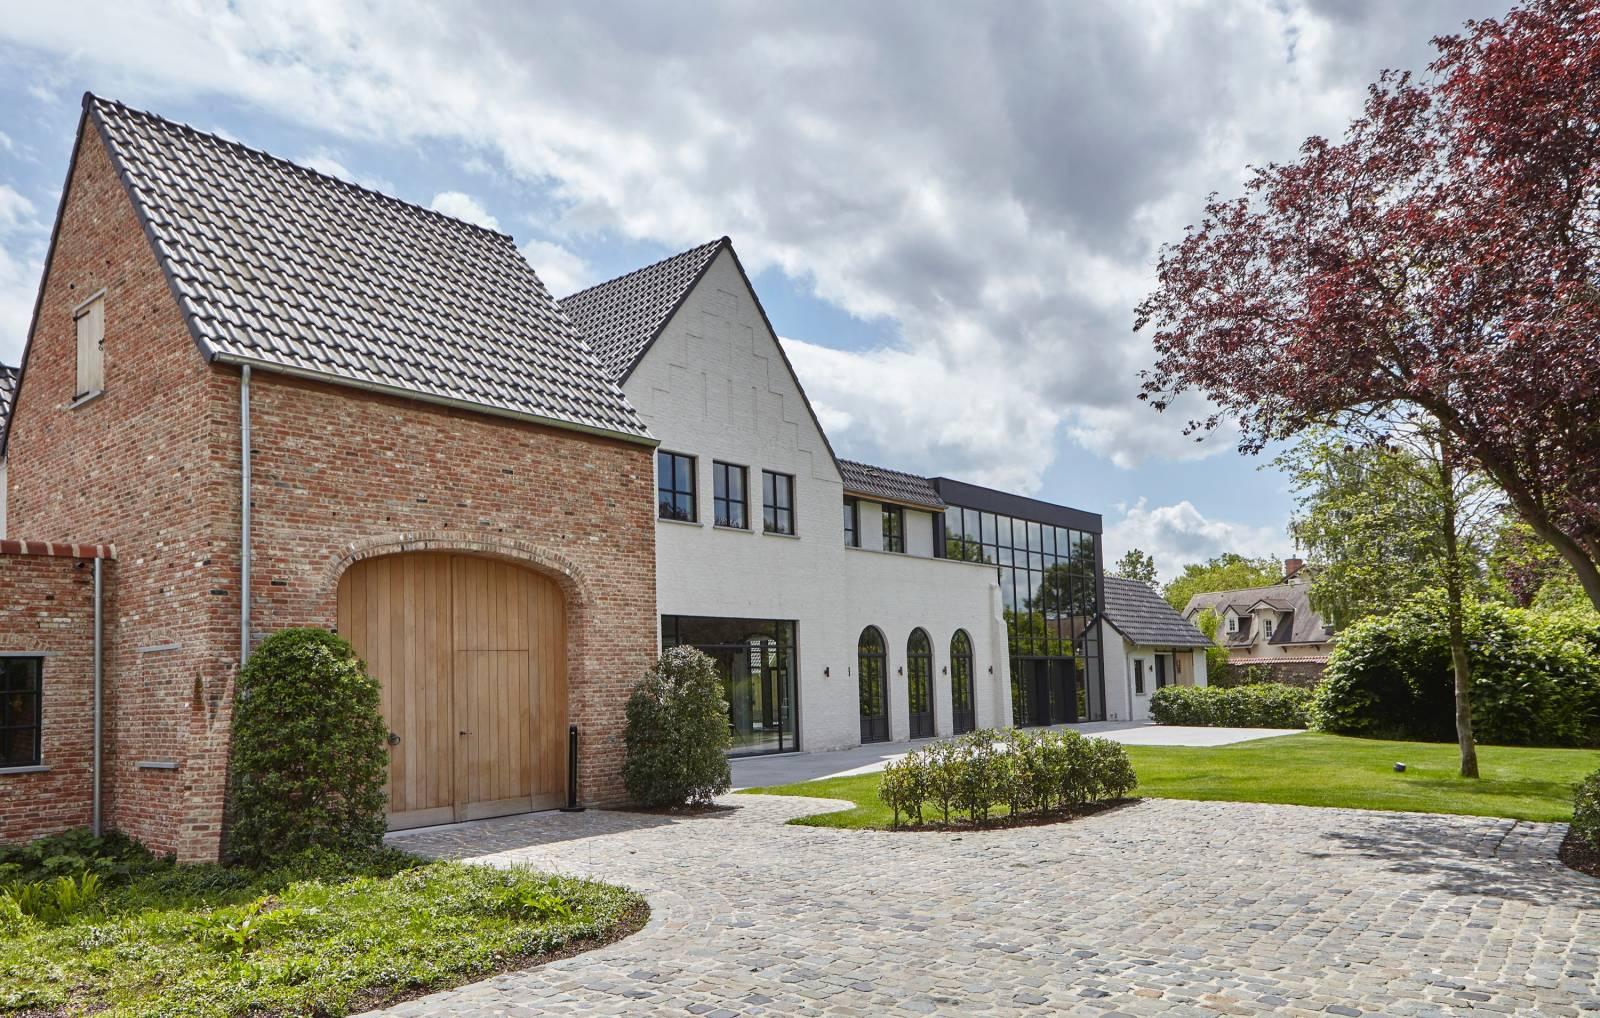 Hove van Herpelgem - Feestzaal Kluisbergen - Trouwzaal - House of Weddings - 12